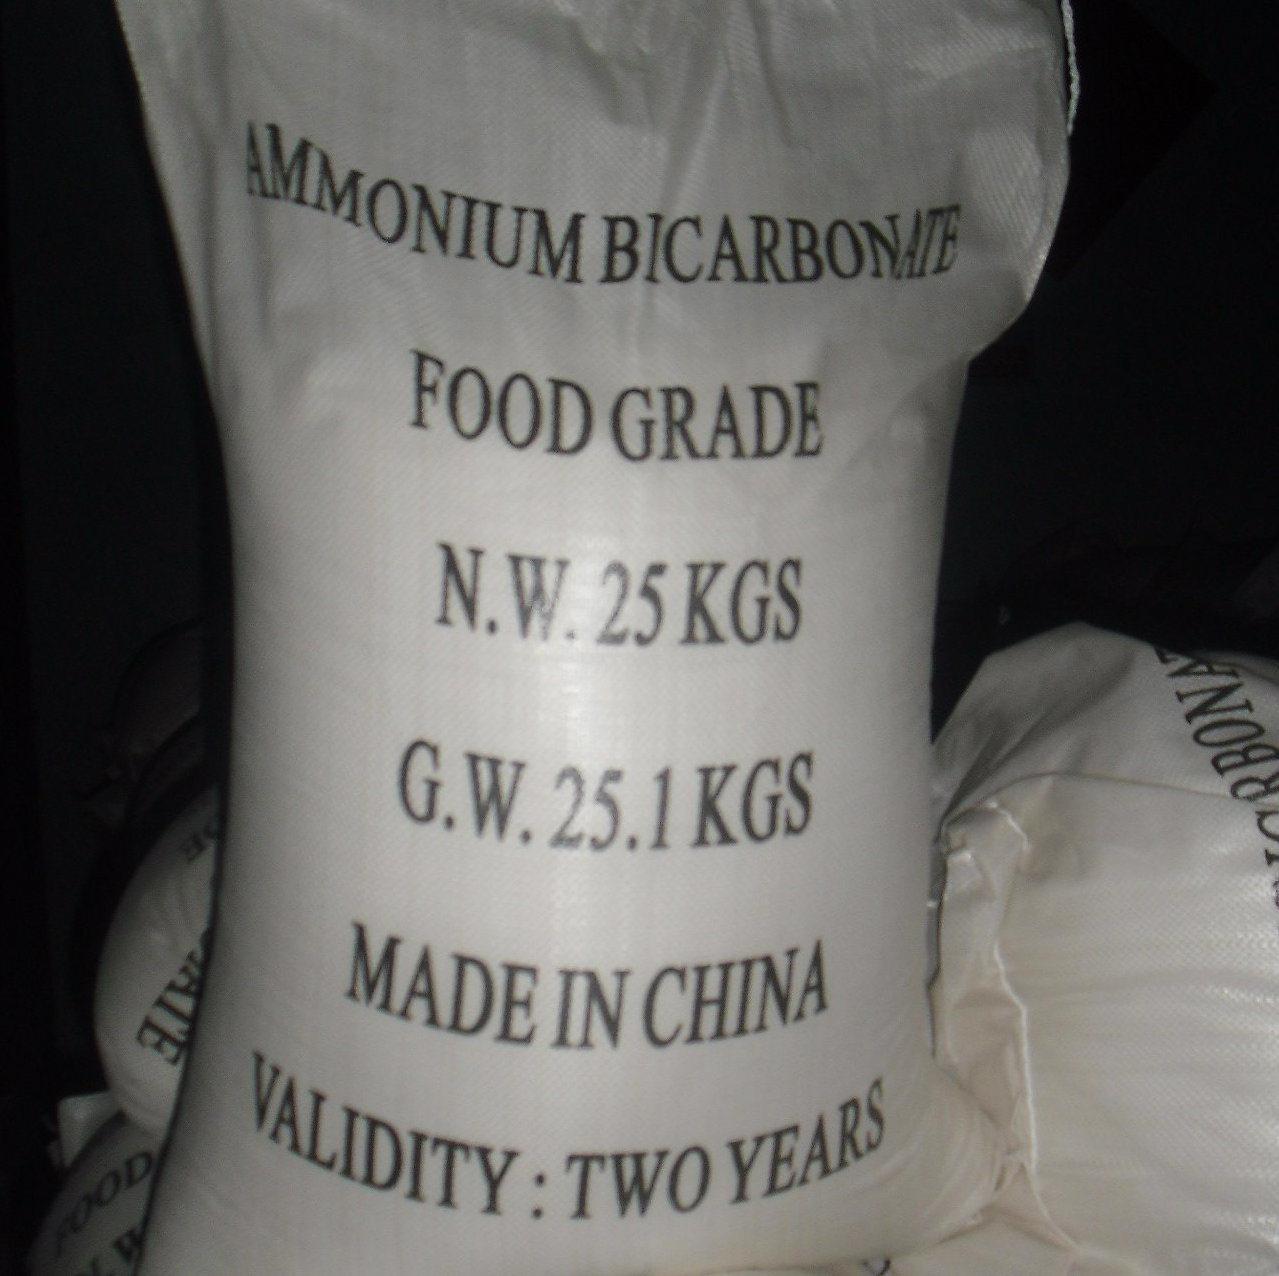 ABC-Ammonium Bicarbonate Food, Industrial, Agricultural Grade 99%